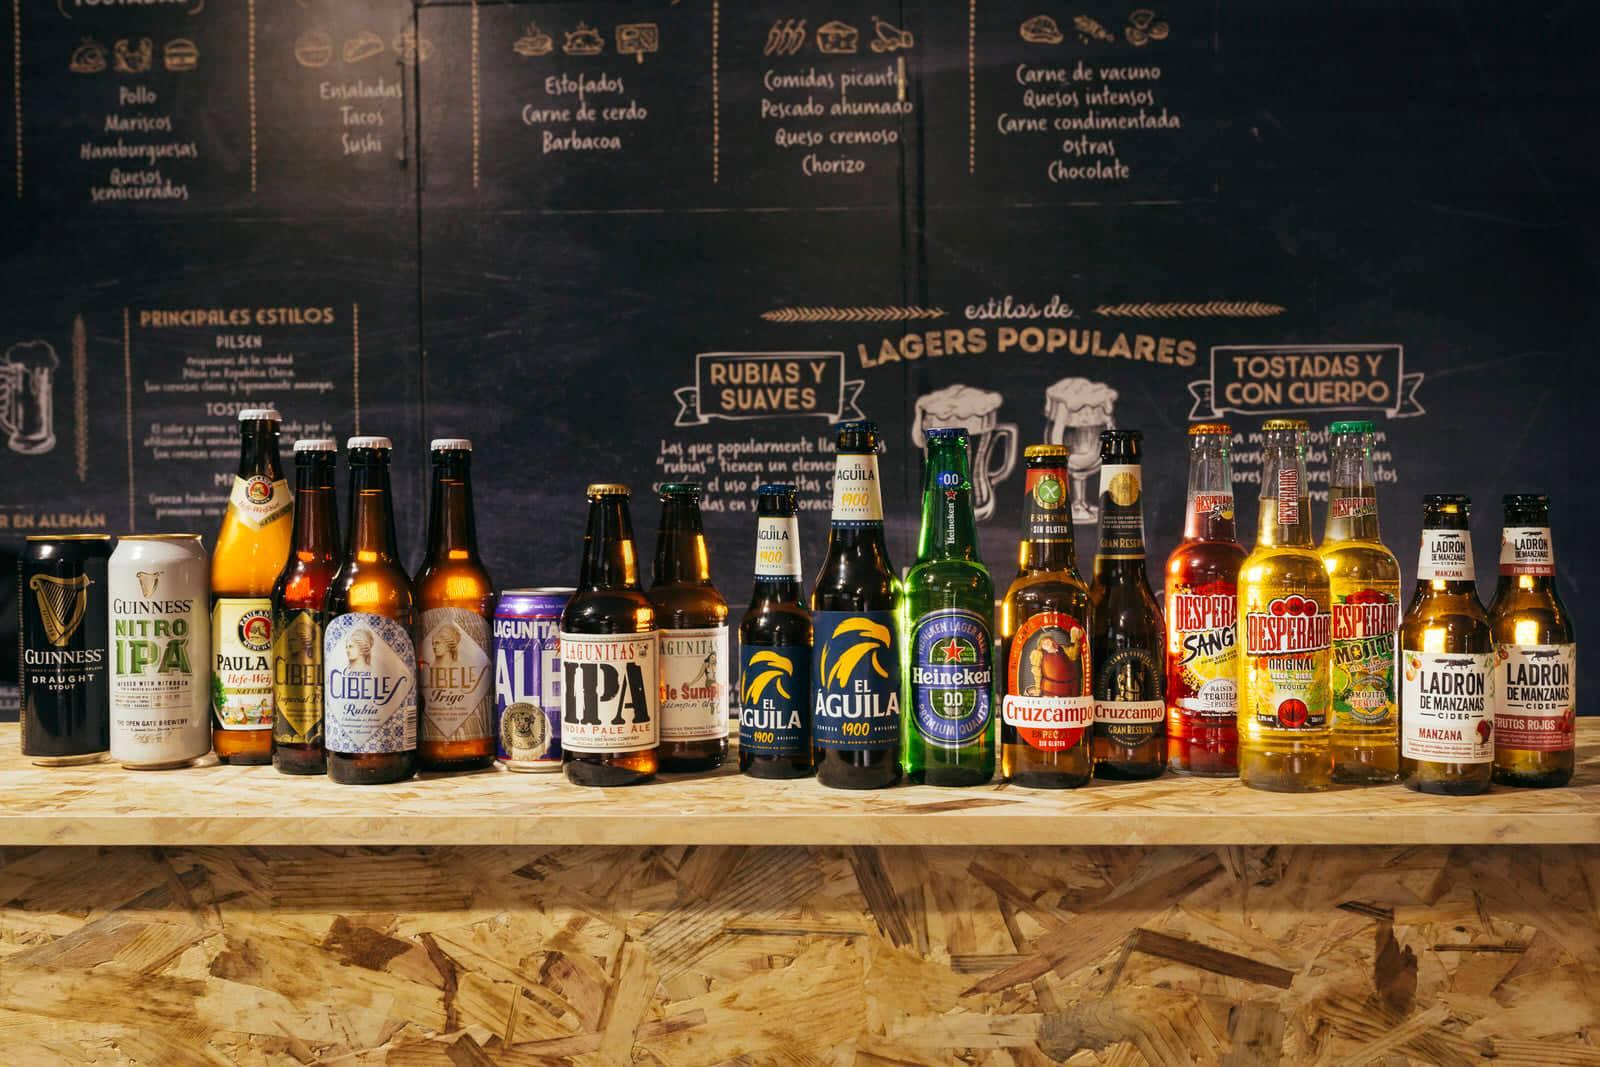 Next Gate 4, Heineken presenta su nueva gama de cervezas – Loopulo